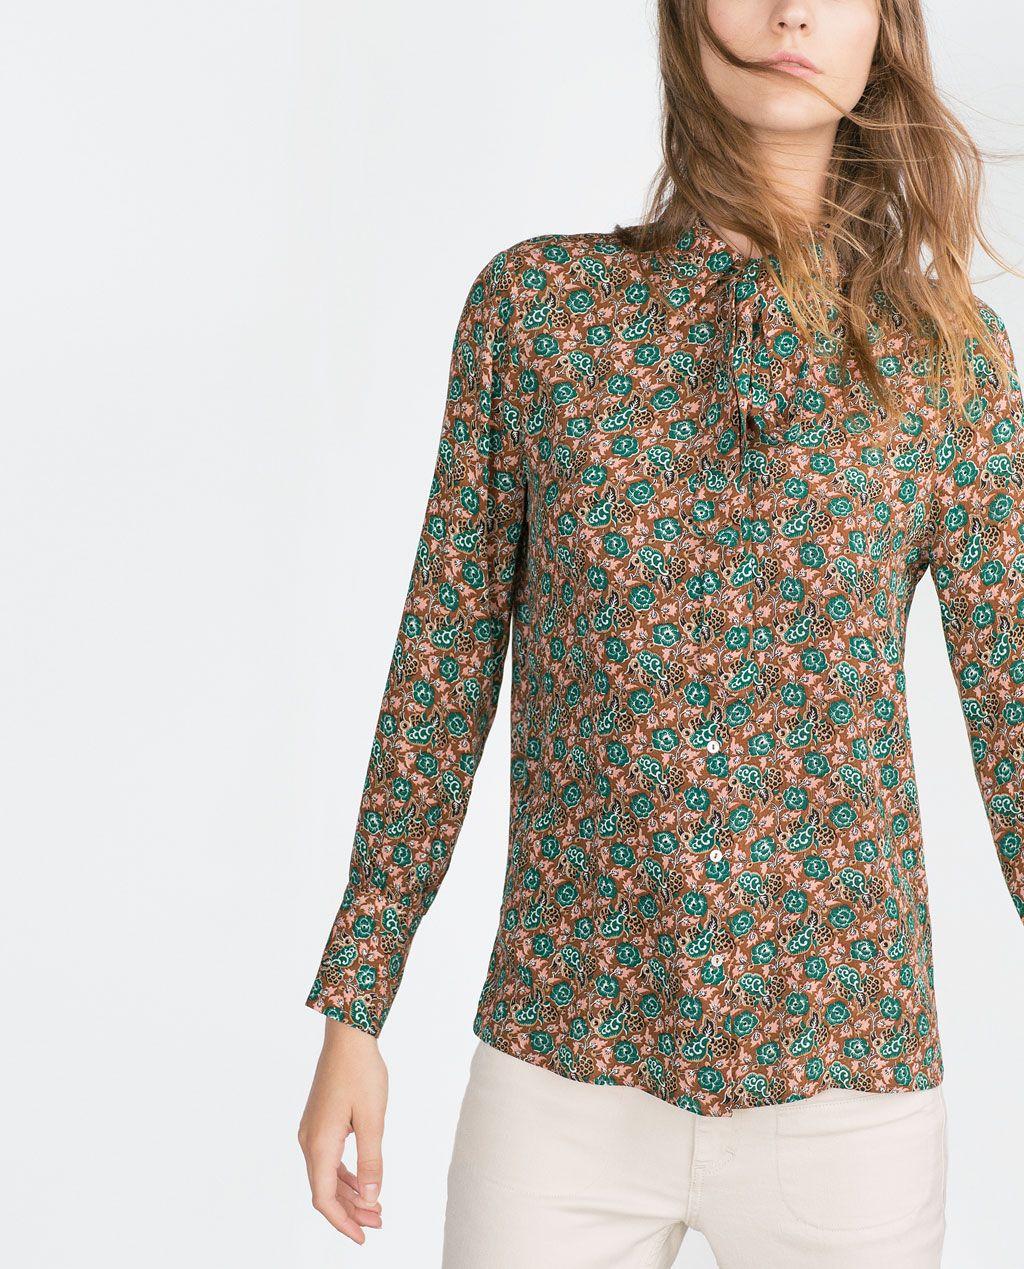 Mujer Blusas España Zara Camisas Estampada Camisa ftxqFpBp